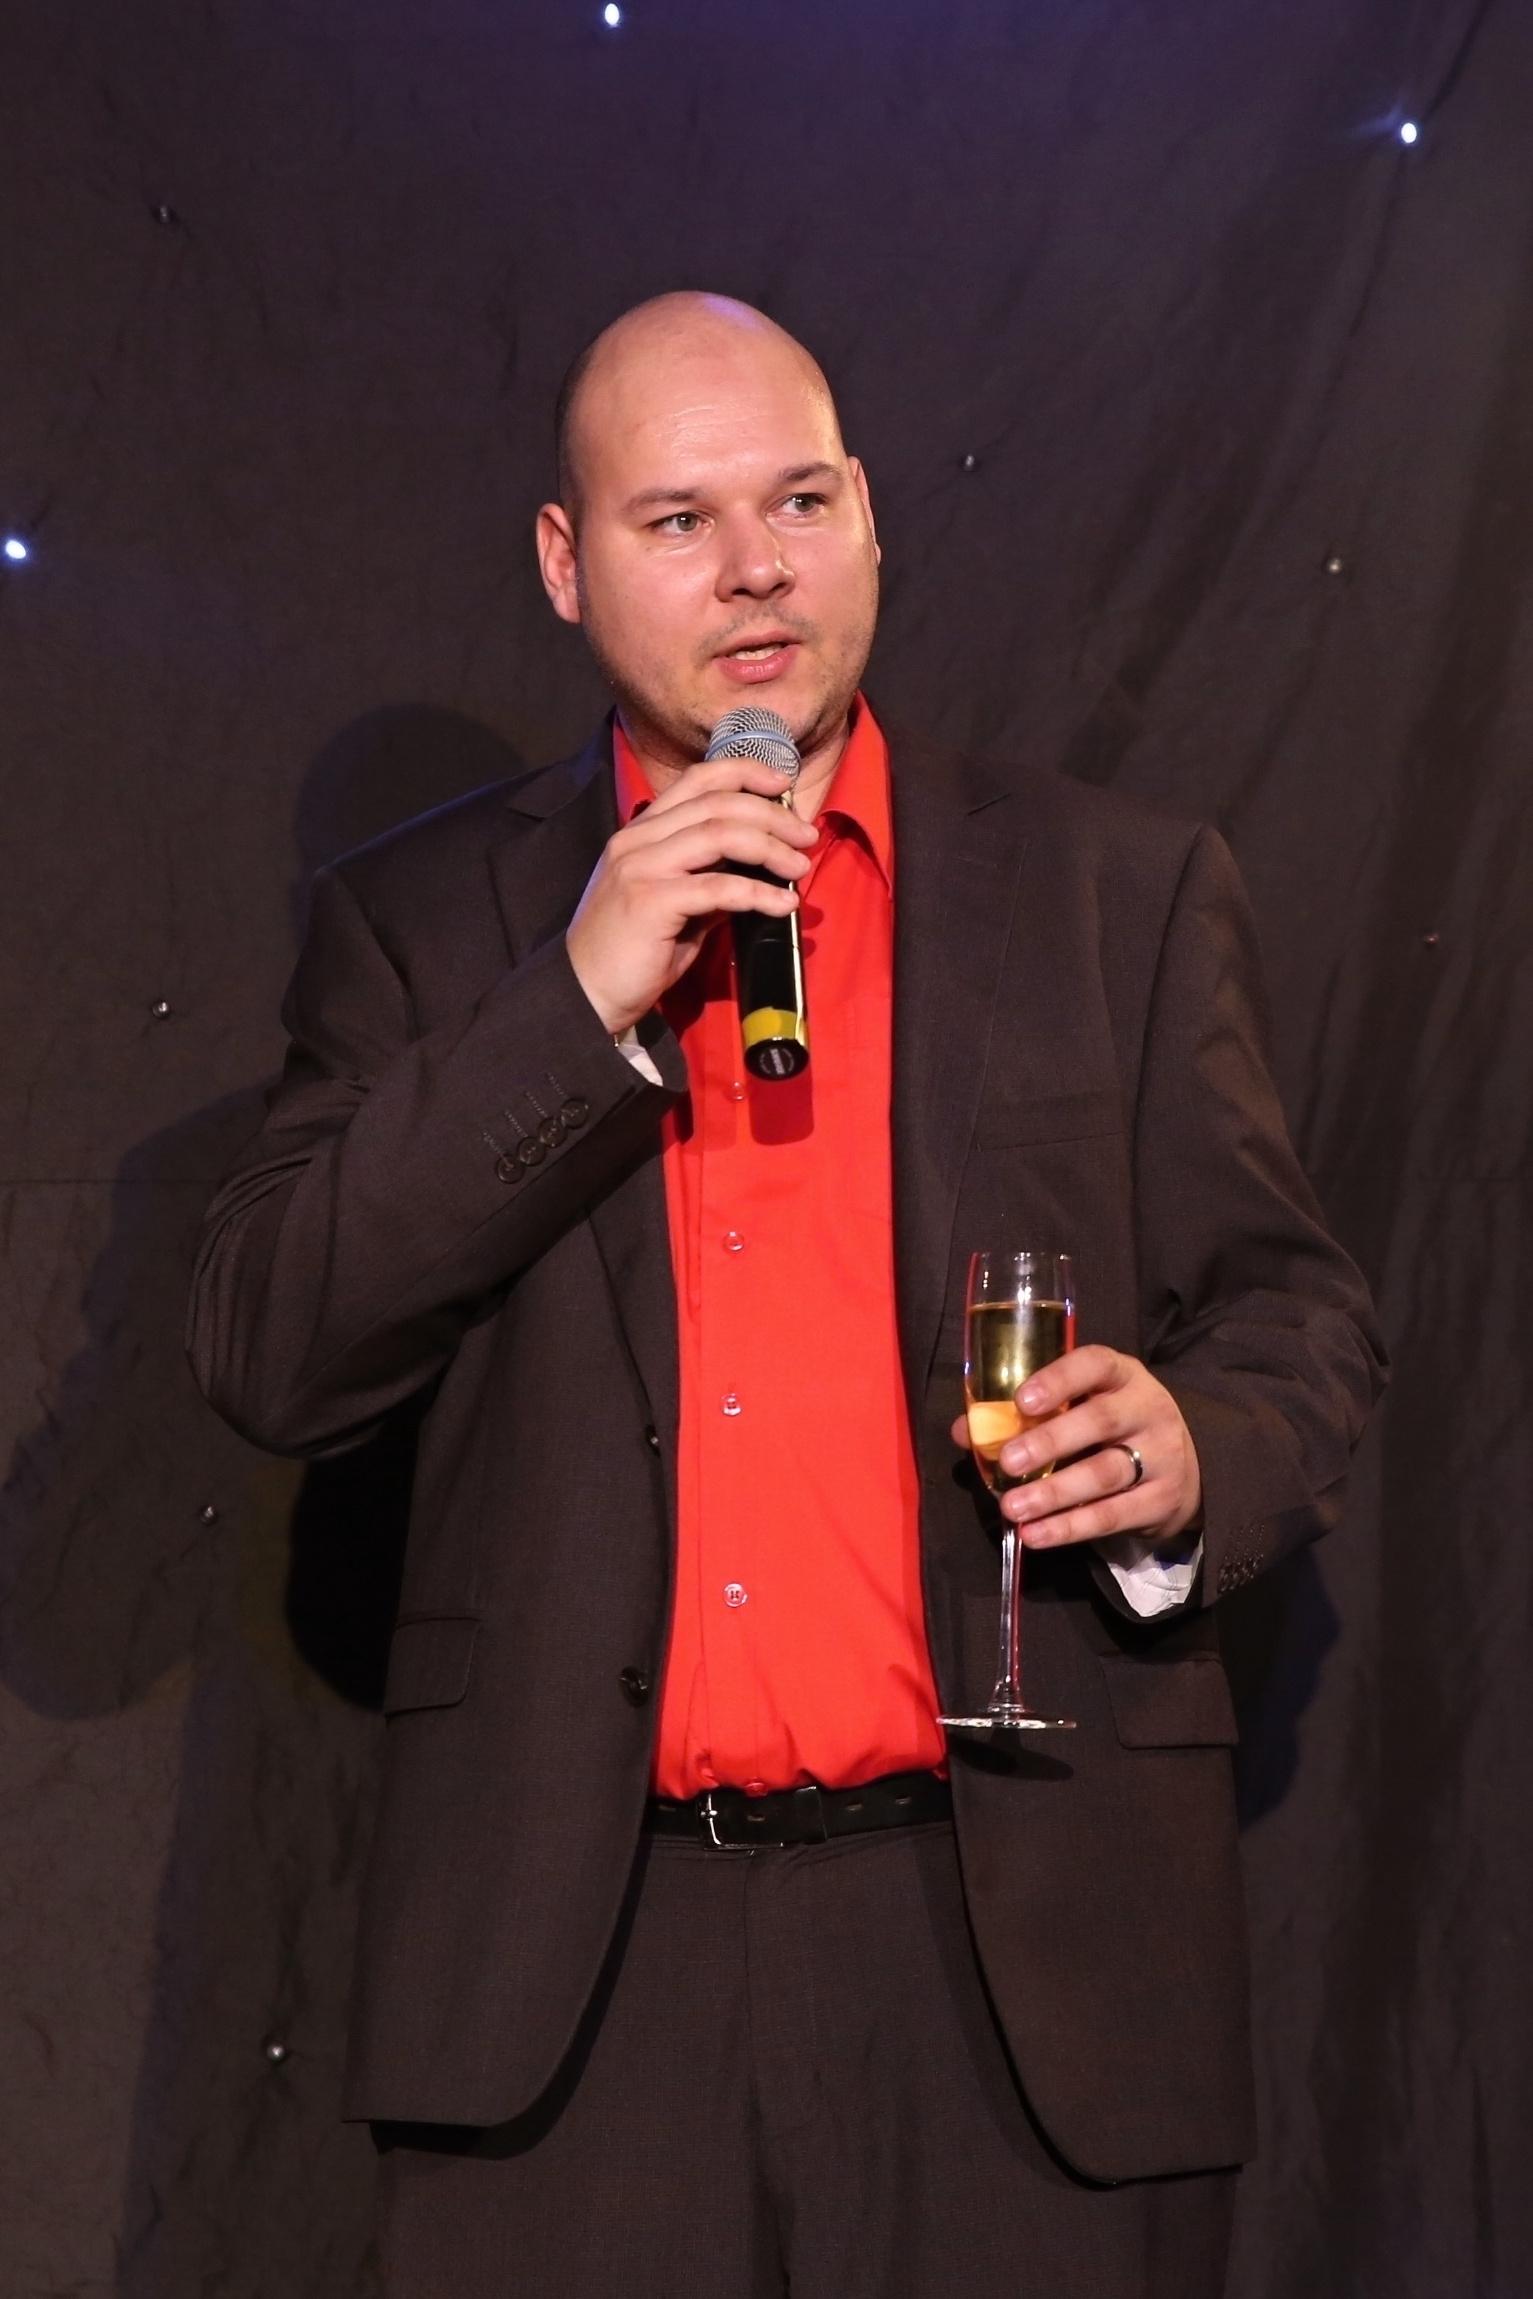 Petr_Průša_Photo522